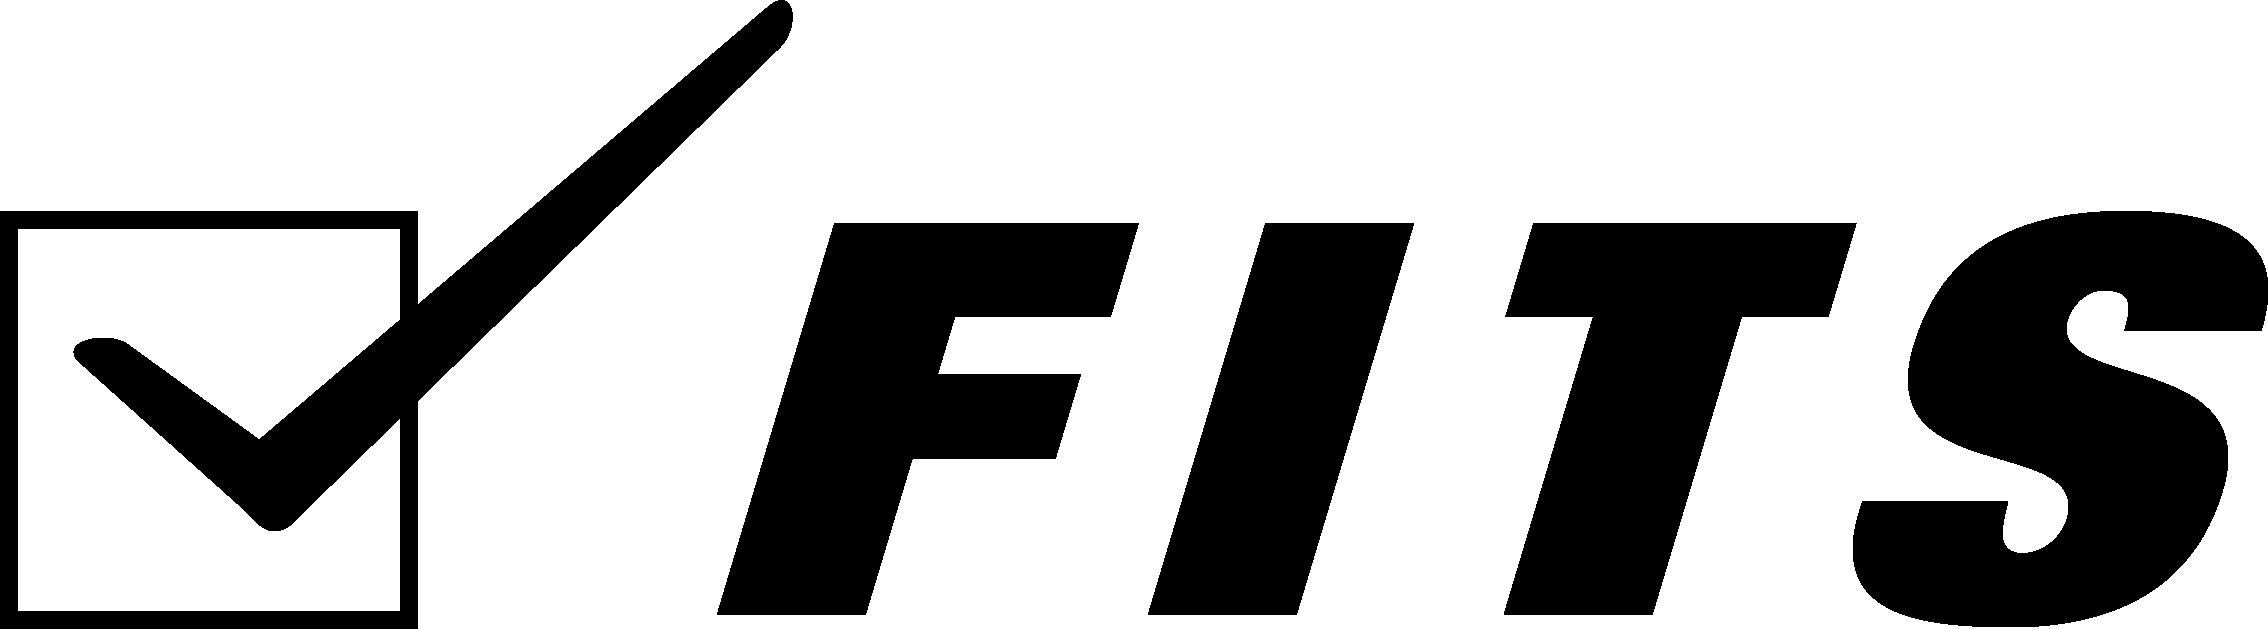 株式会社フィッツコーポレーション